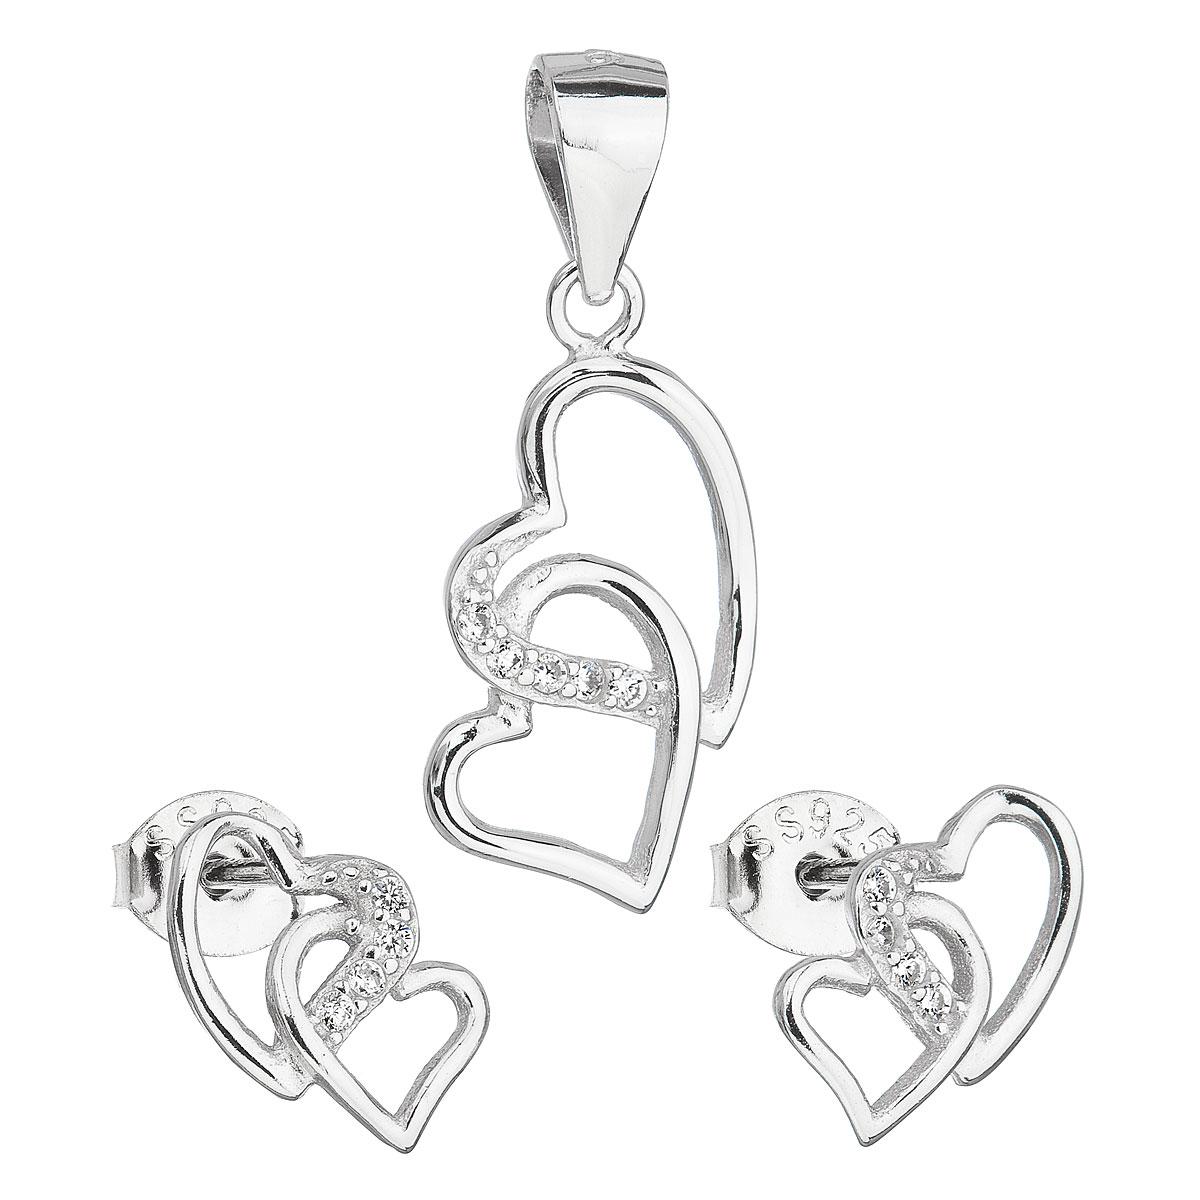 Evolution Group Sada šperků se zirkonem náušnice a přívěsek bílé srdce 19015.1